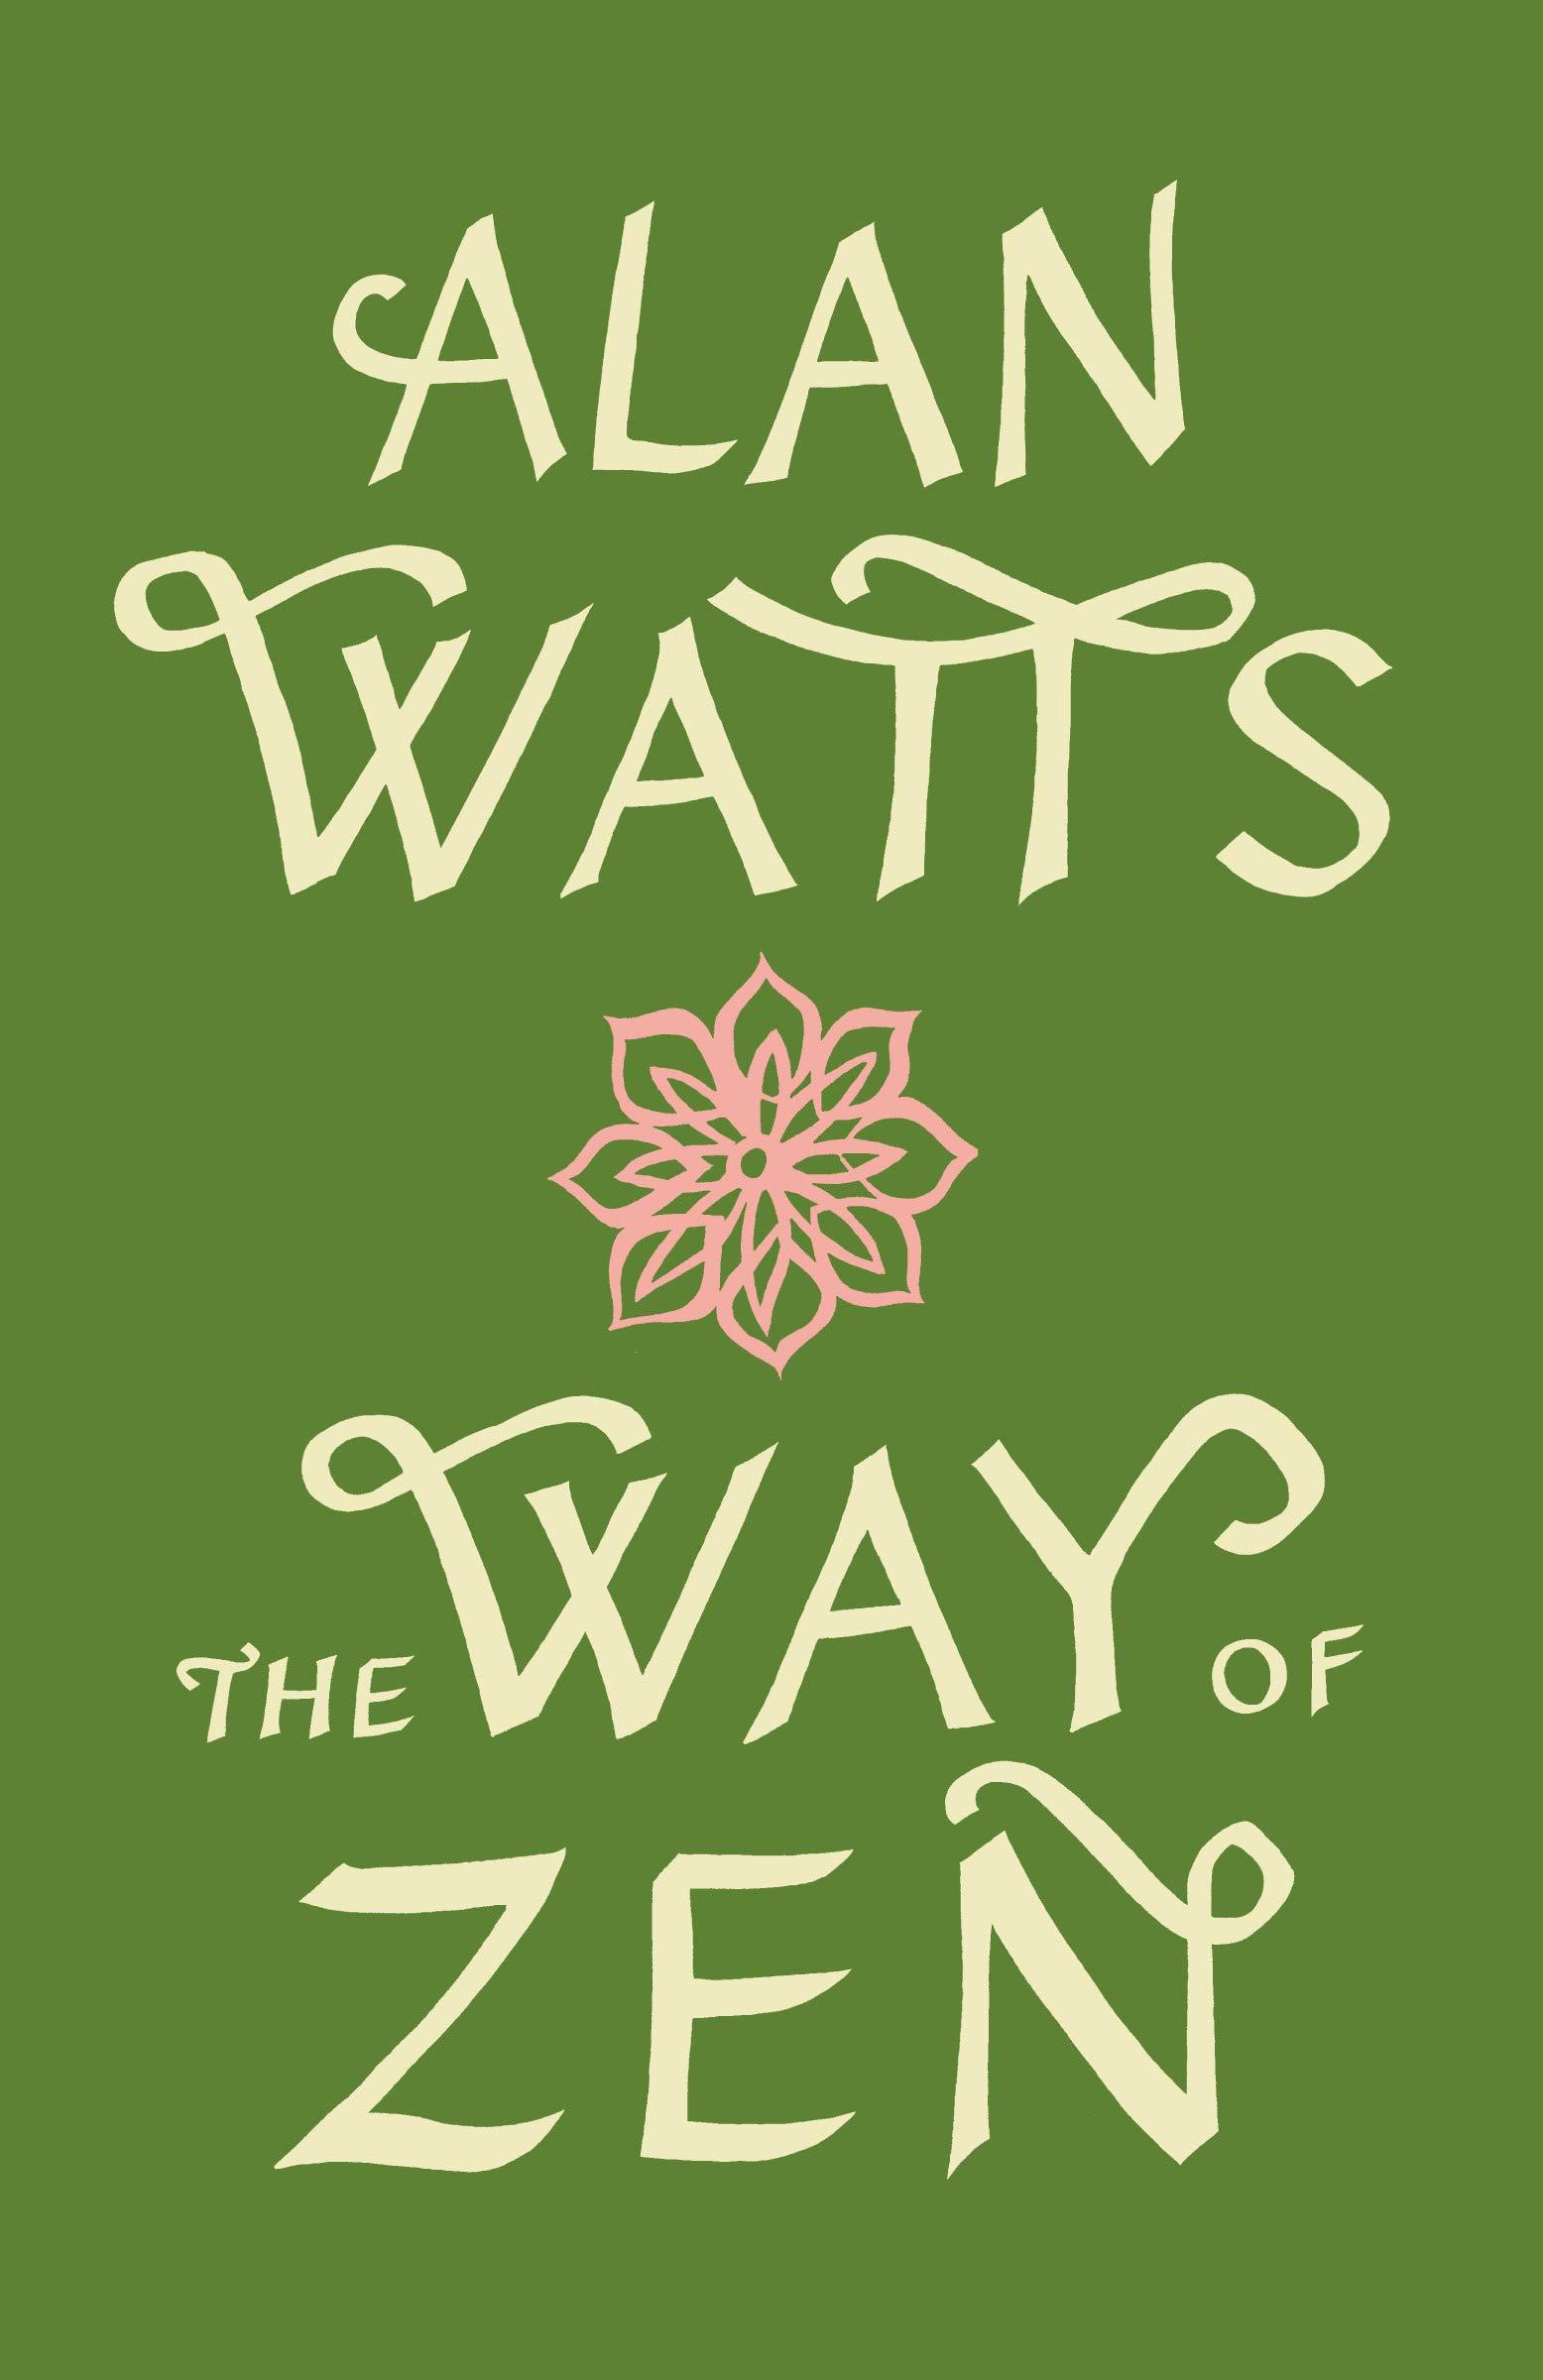 Alan Watts Way of Zen cover art